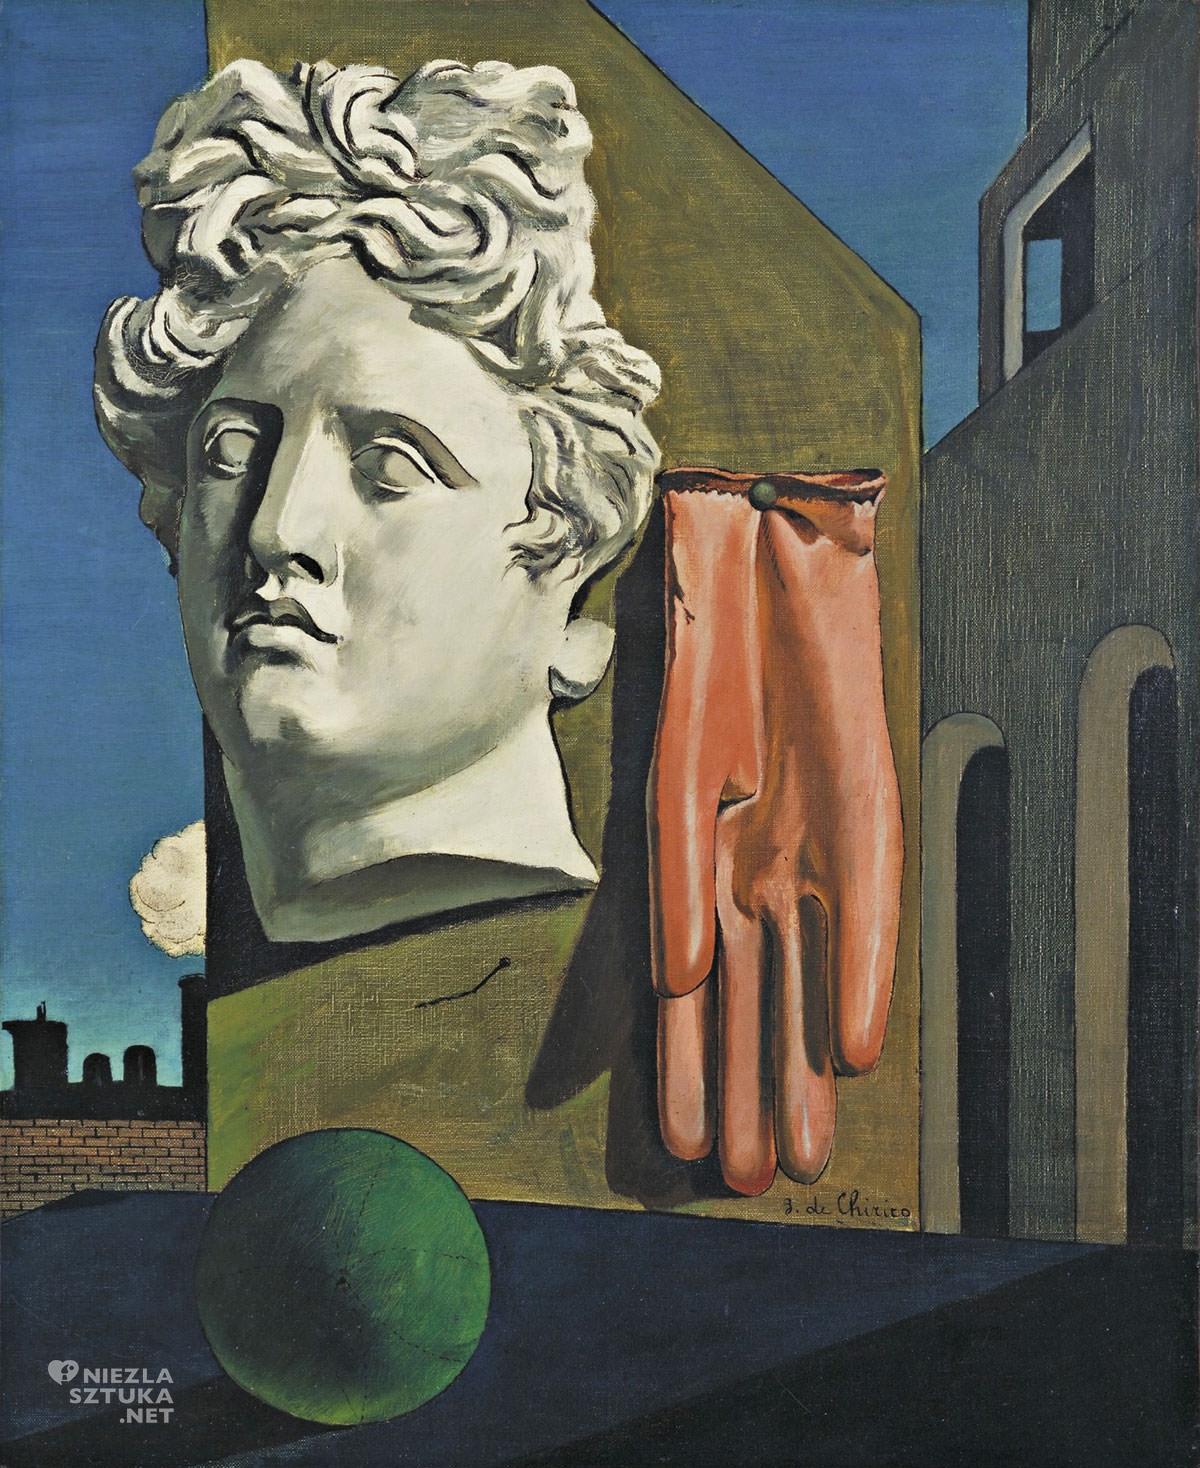 Giorgio de Chirico, Pieśń miłości, malarstwo włoskie, sztuka włoska, surrealizm, surrealizm włoski, początek surrealizmu, modernizm, Niezła Sztuka